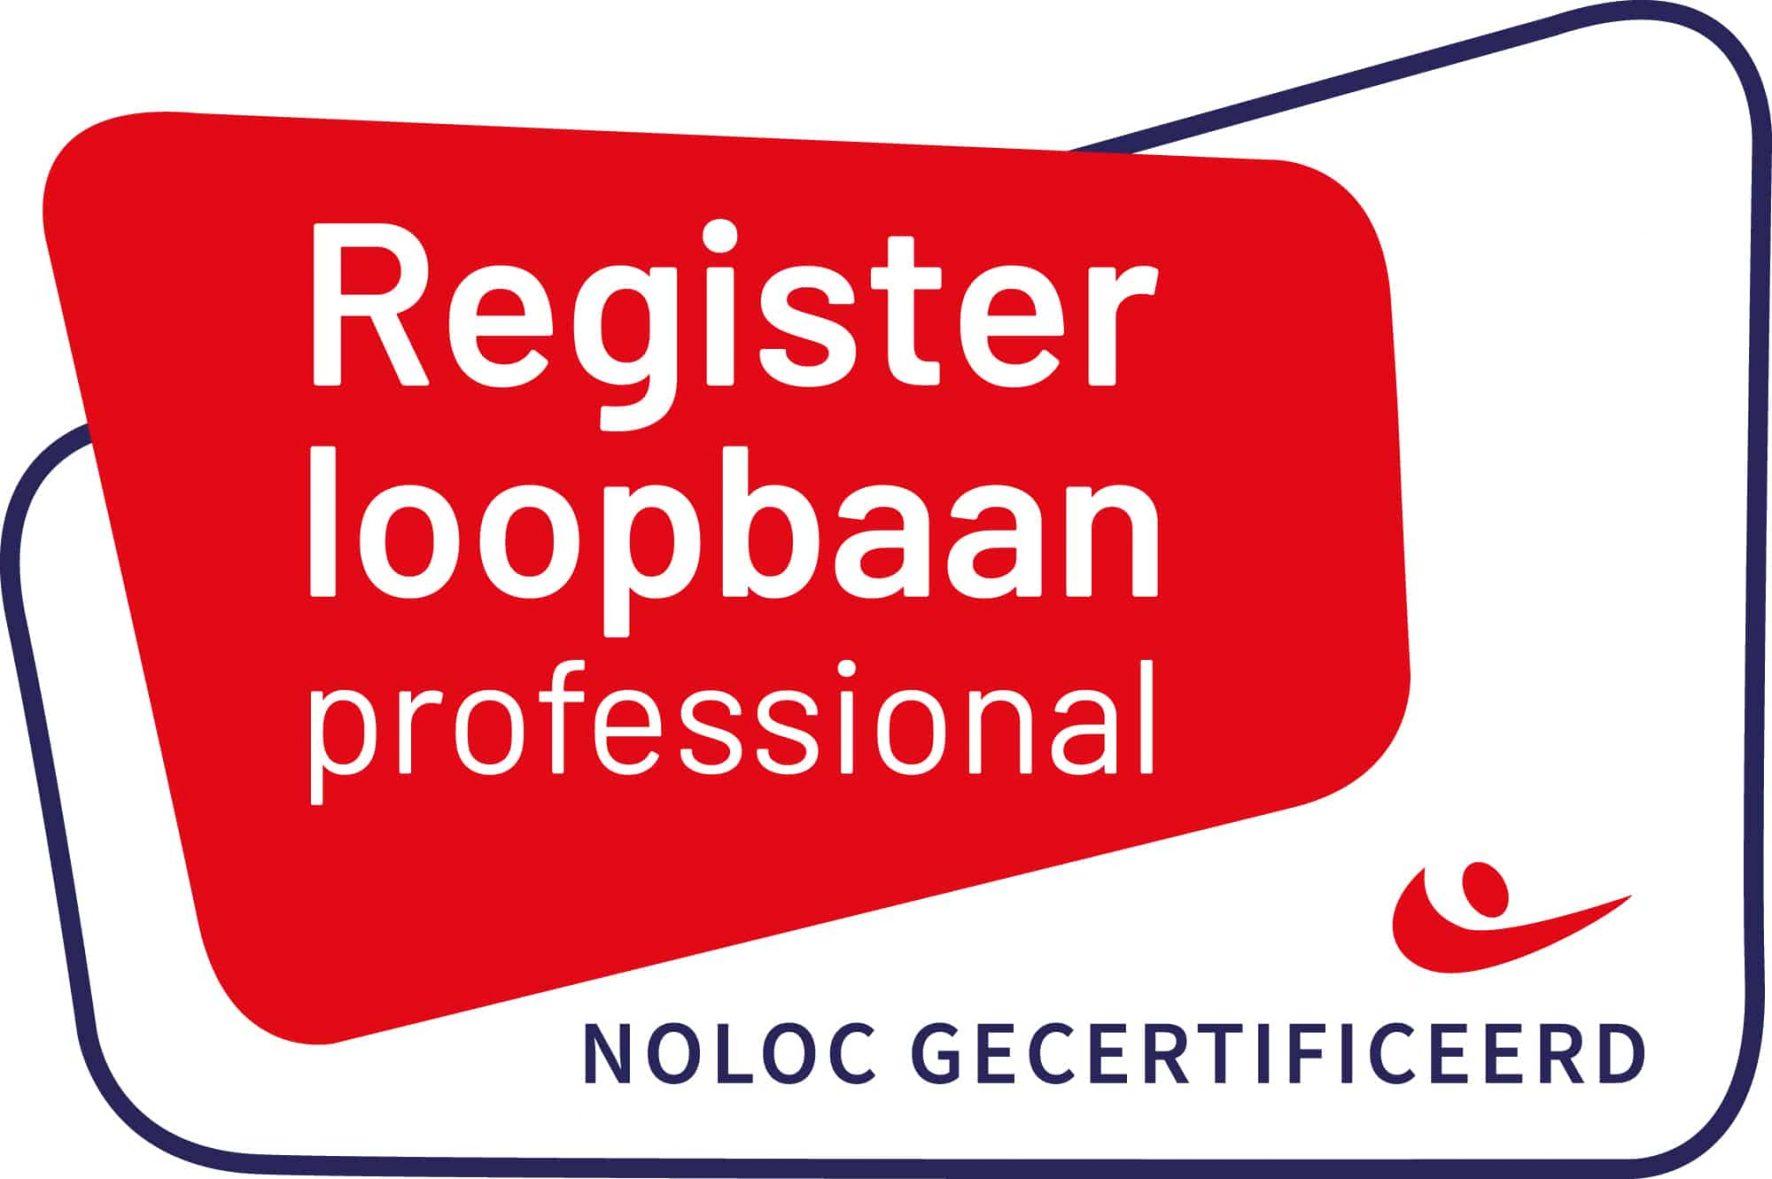 Register loopbaan professional Noloc gecertificeerd